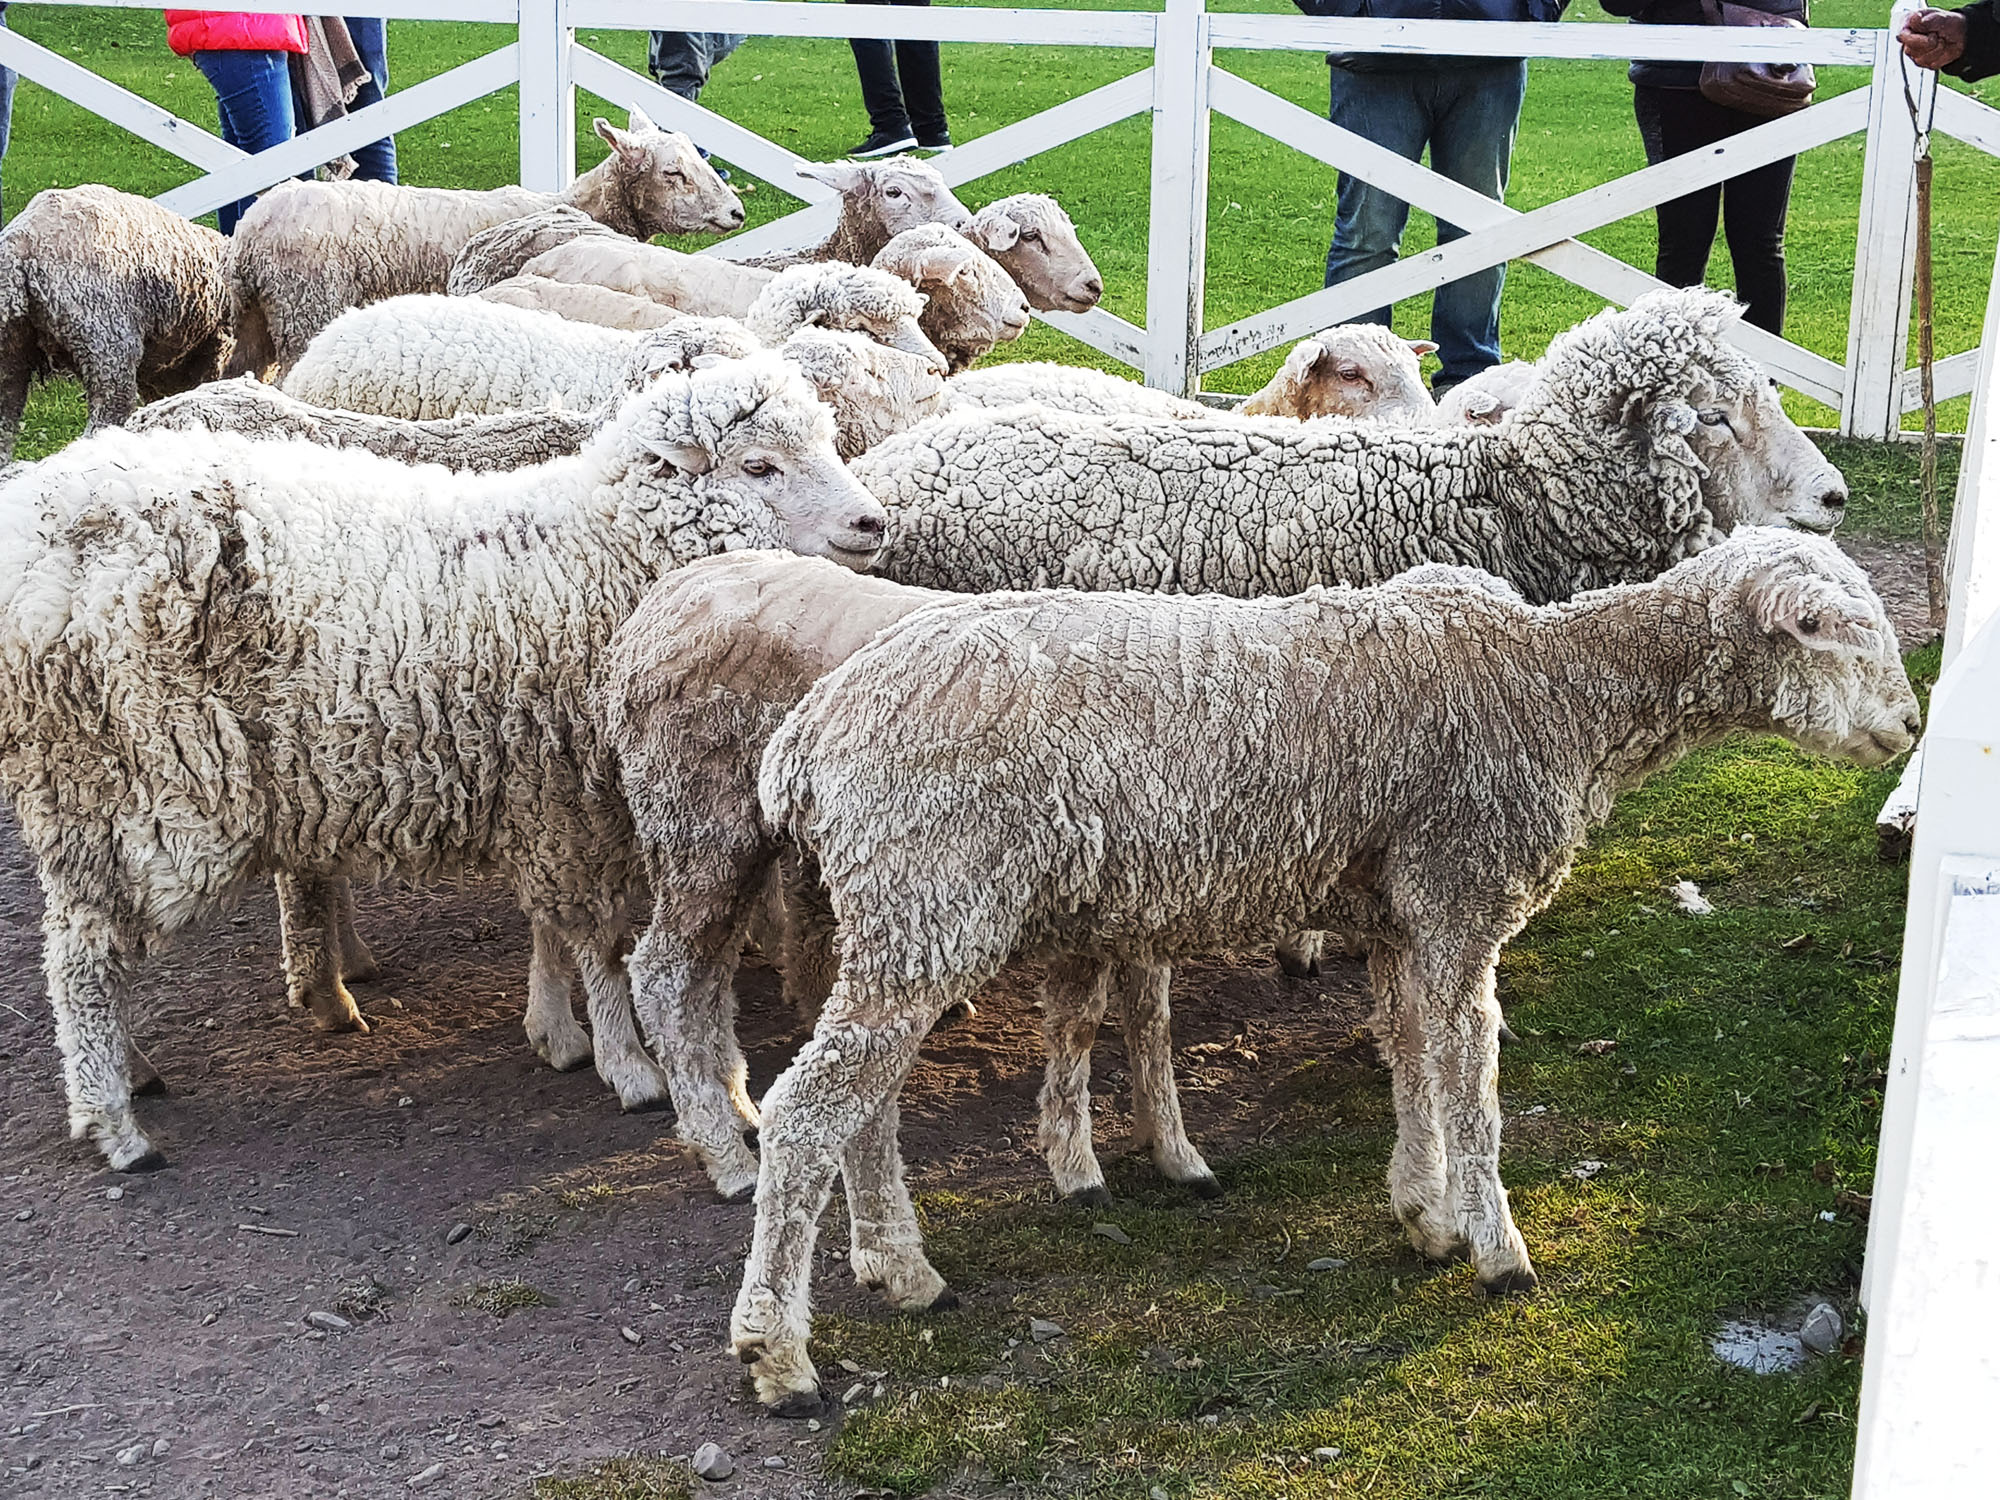 Schafe - über viele Jahrzehnte ein Haupterwerbszweig im Süden Chiles und Argentiniens